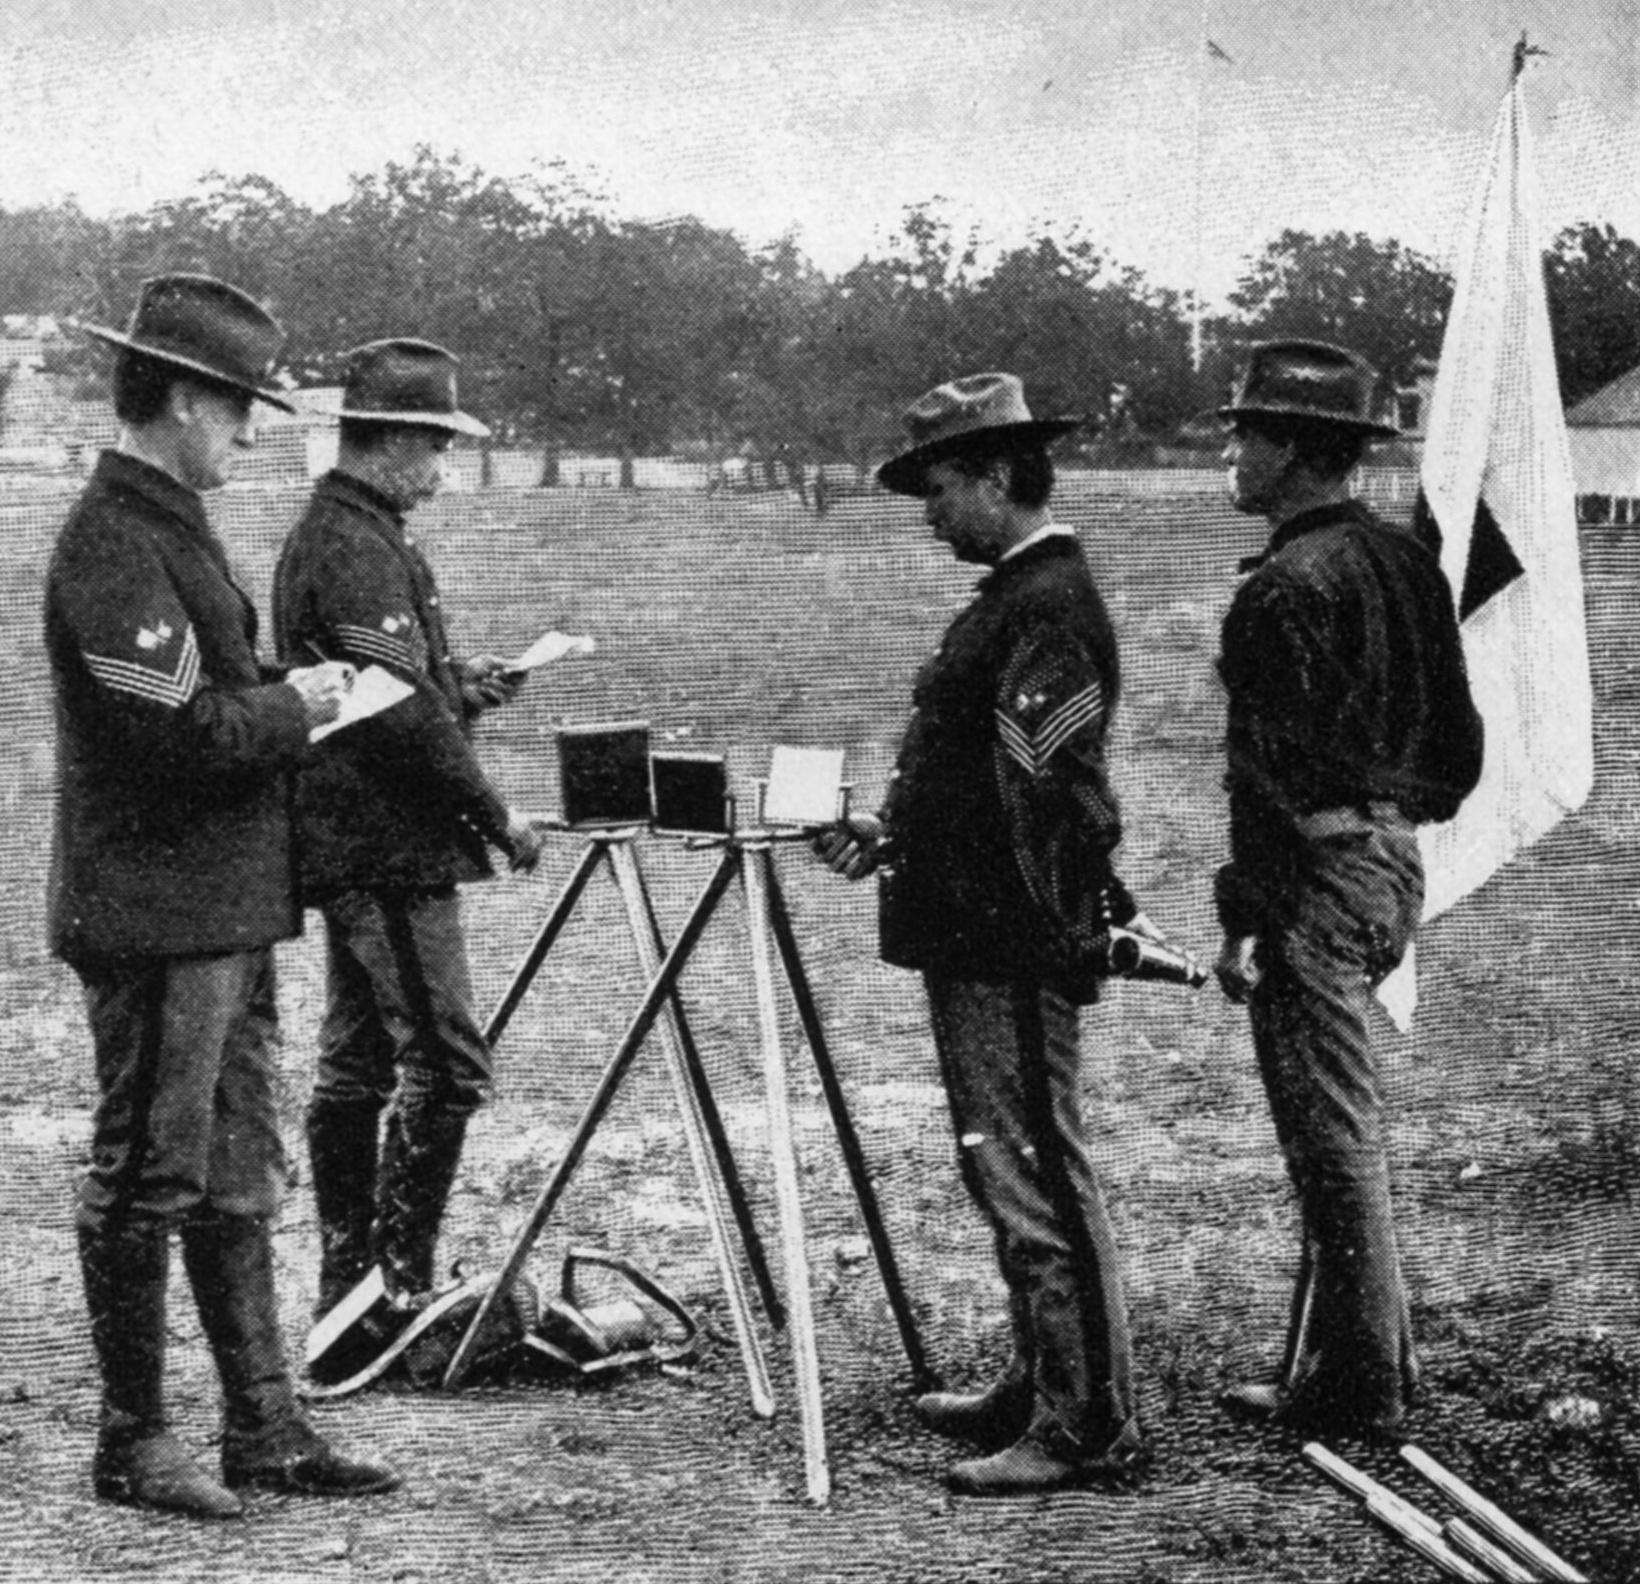 File:Heliogram US Army 1898 crop.jpg